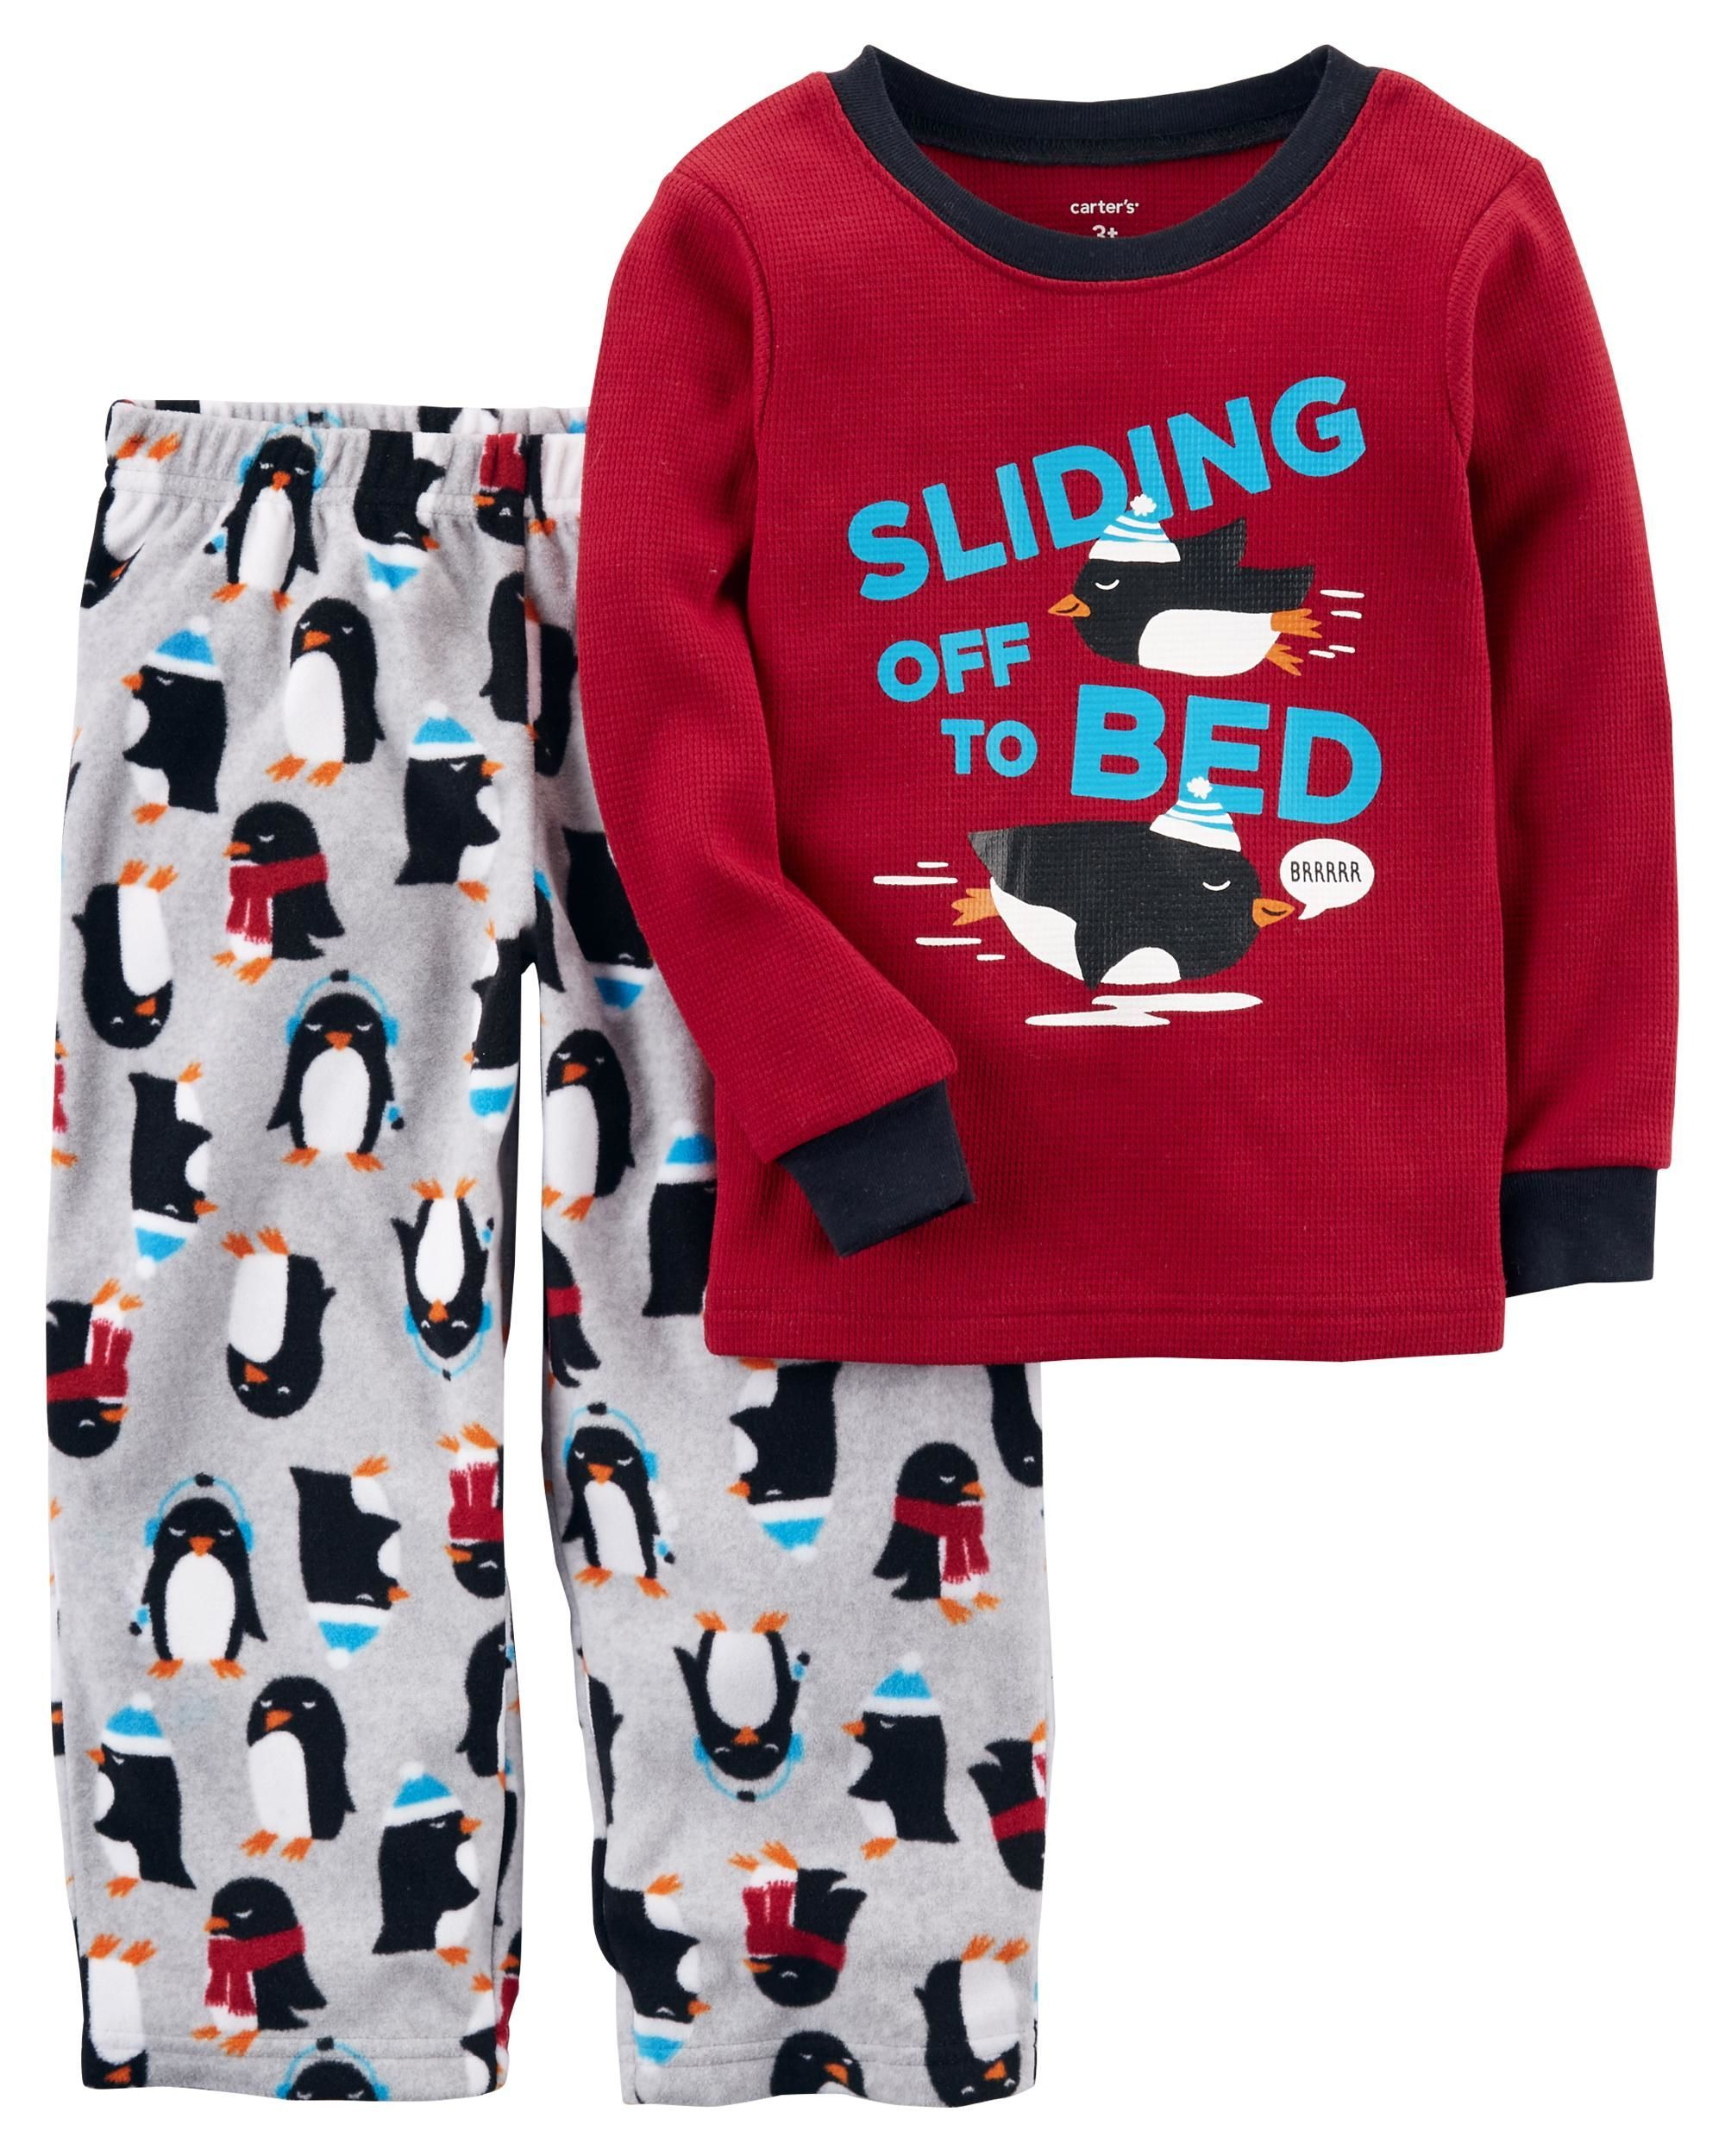 bonne vente Air Jordans Garçons Taille 5 / 5t Voitures Pyjama 3 Nice en ligne 2014 nouveau extrêmement sortie abordables à vendre KkY0EB1yYg